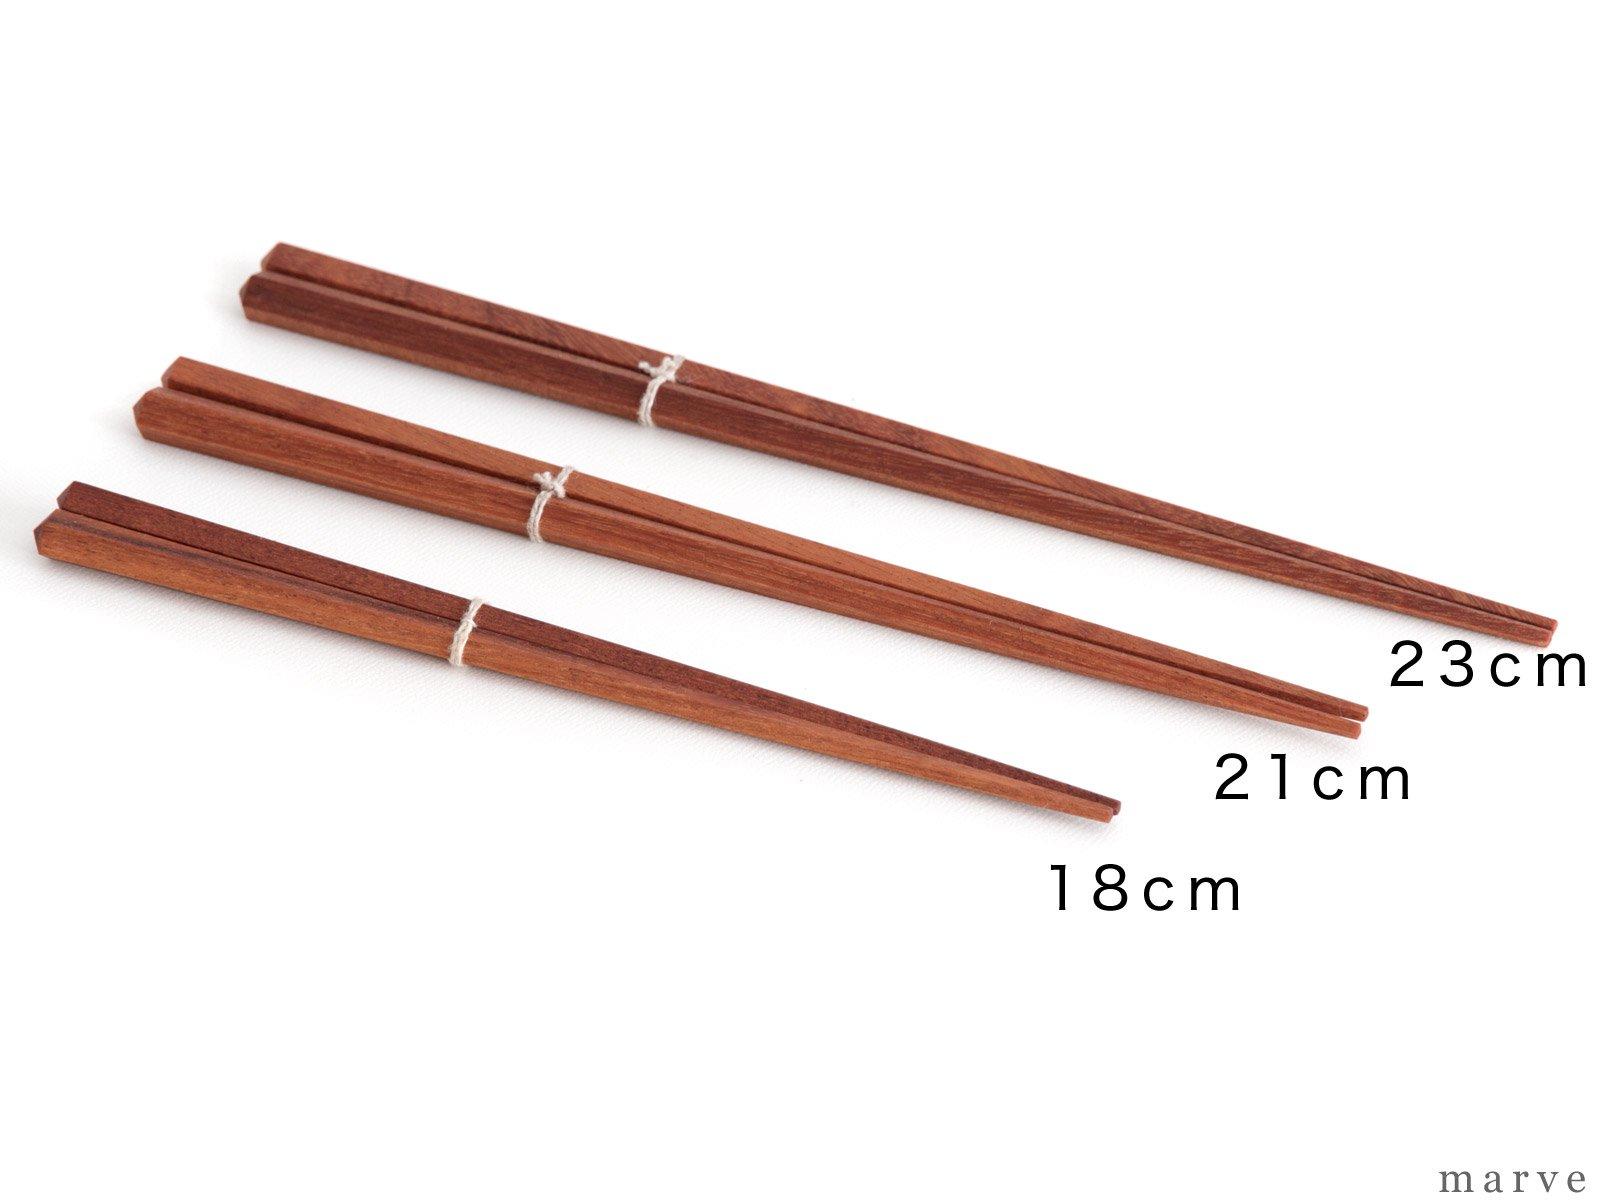 五角箸 花梨(かりん) 21cm